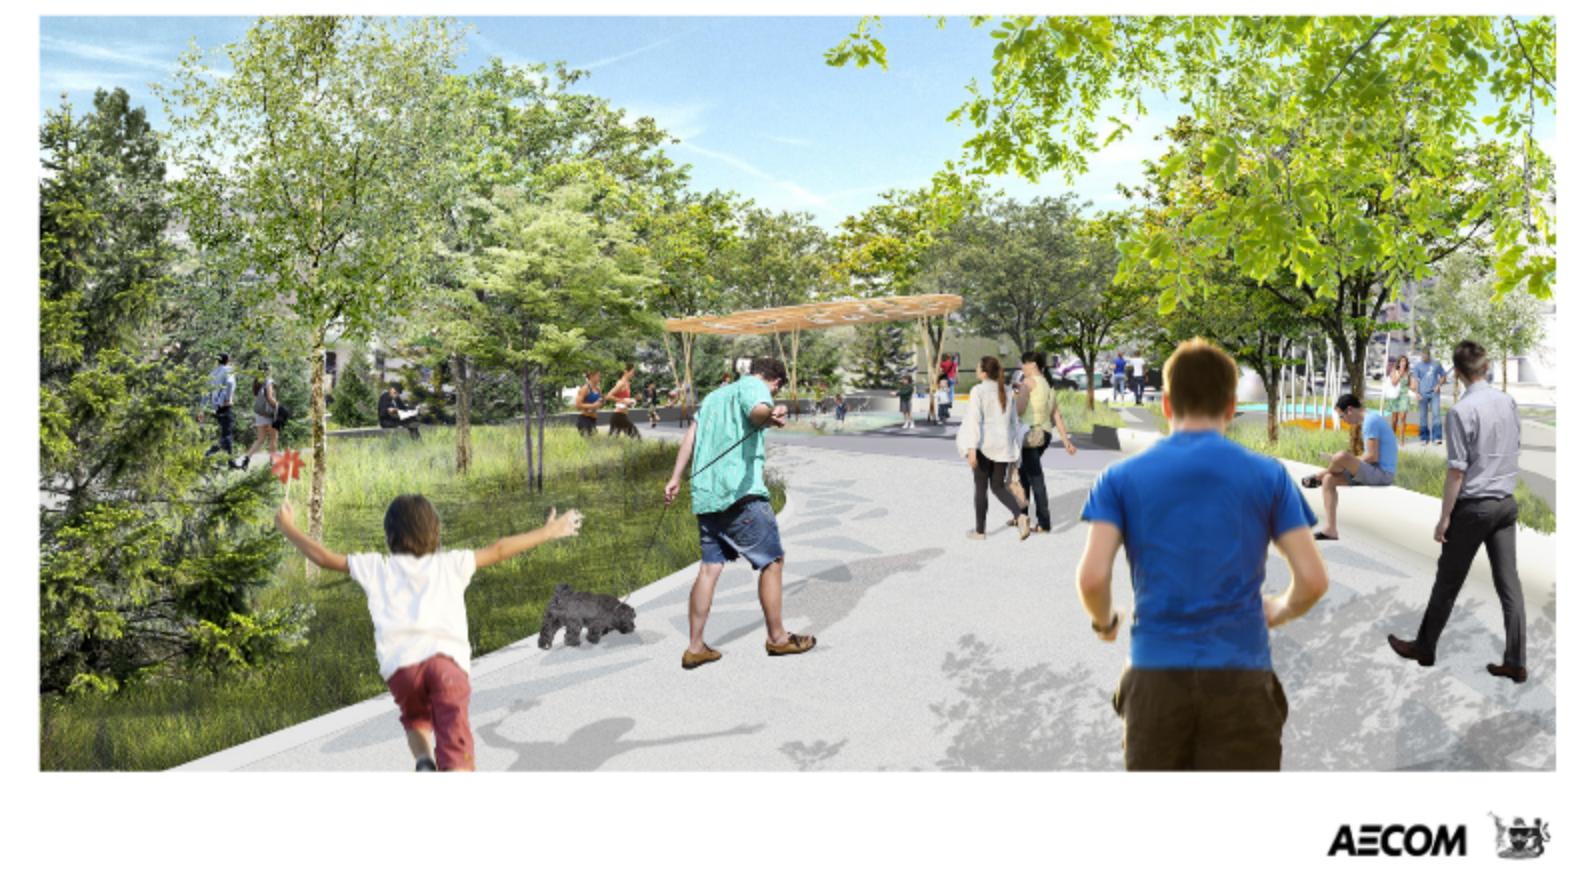 Urban Park rendering